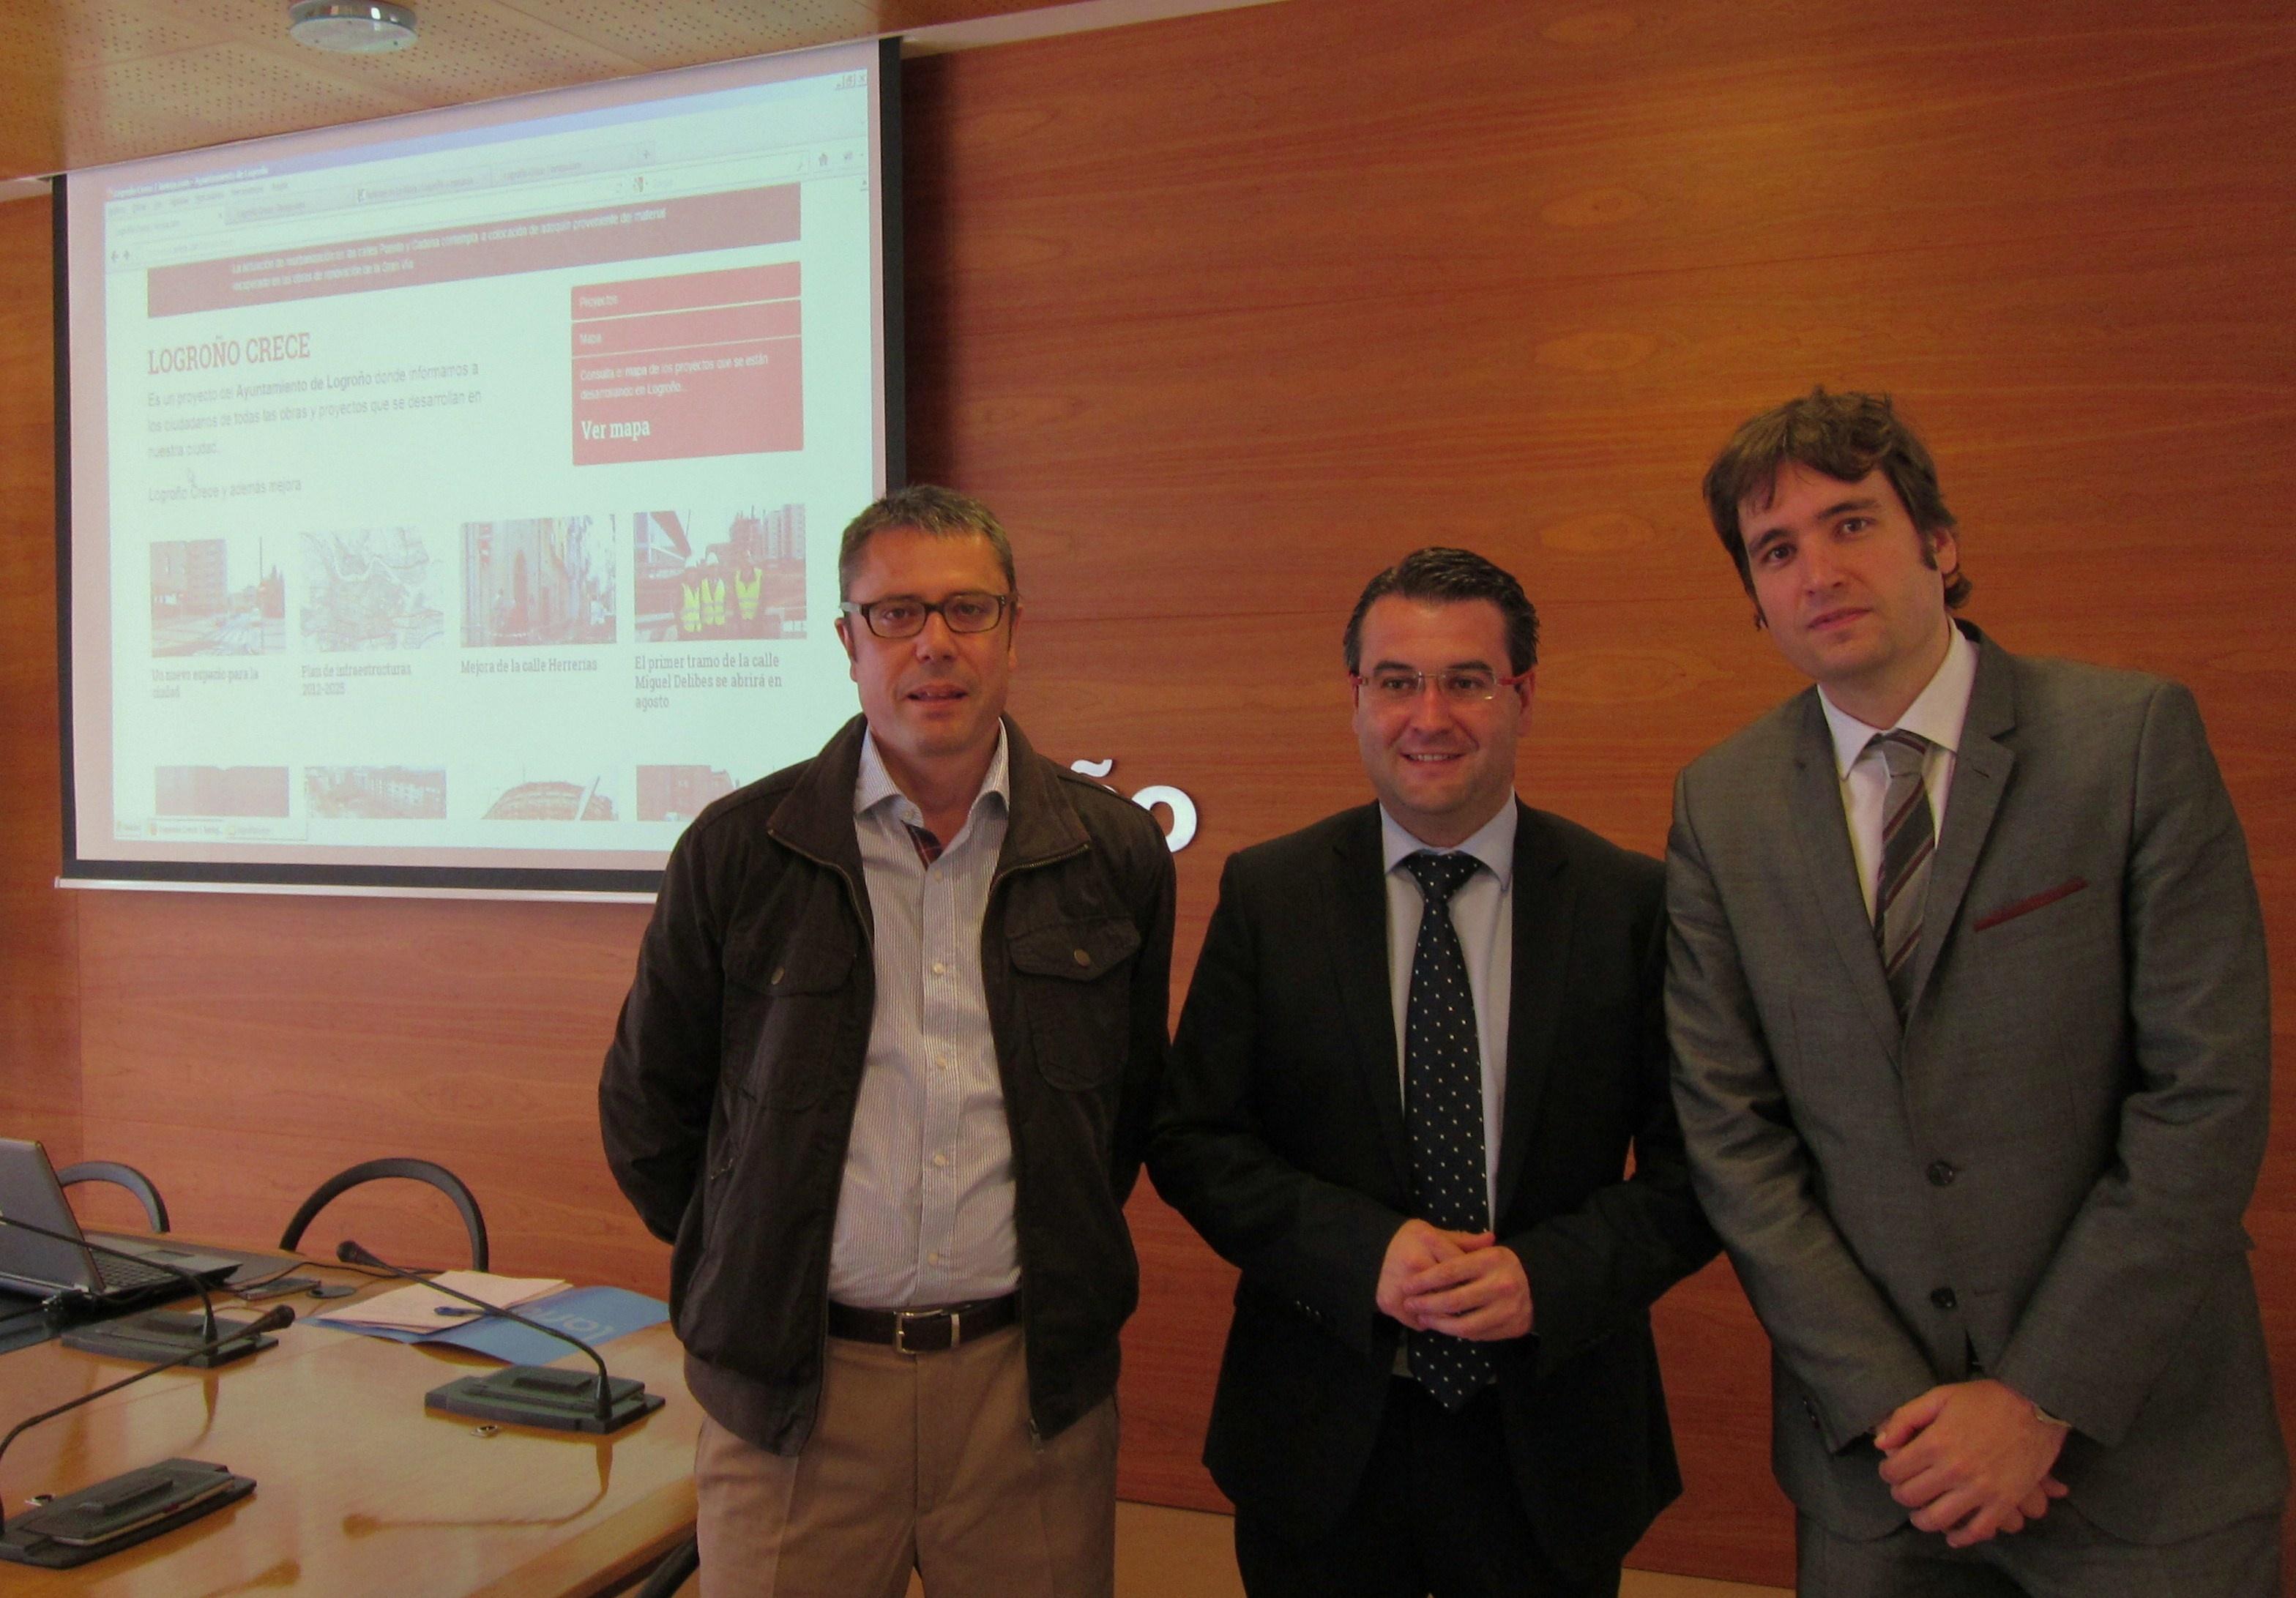 El Ayuntamiento informará a los logroñeses sobre las obras de la ciudad a través del canal web «Logroño crece»